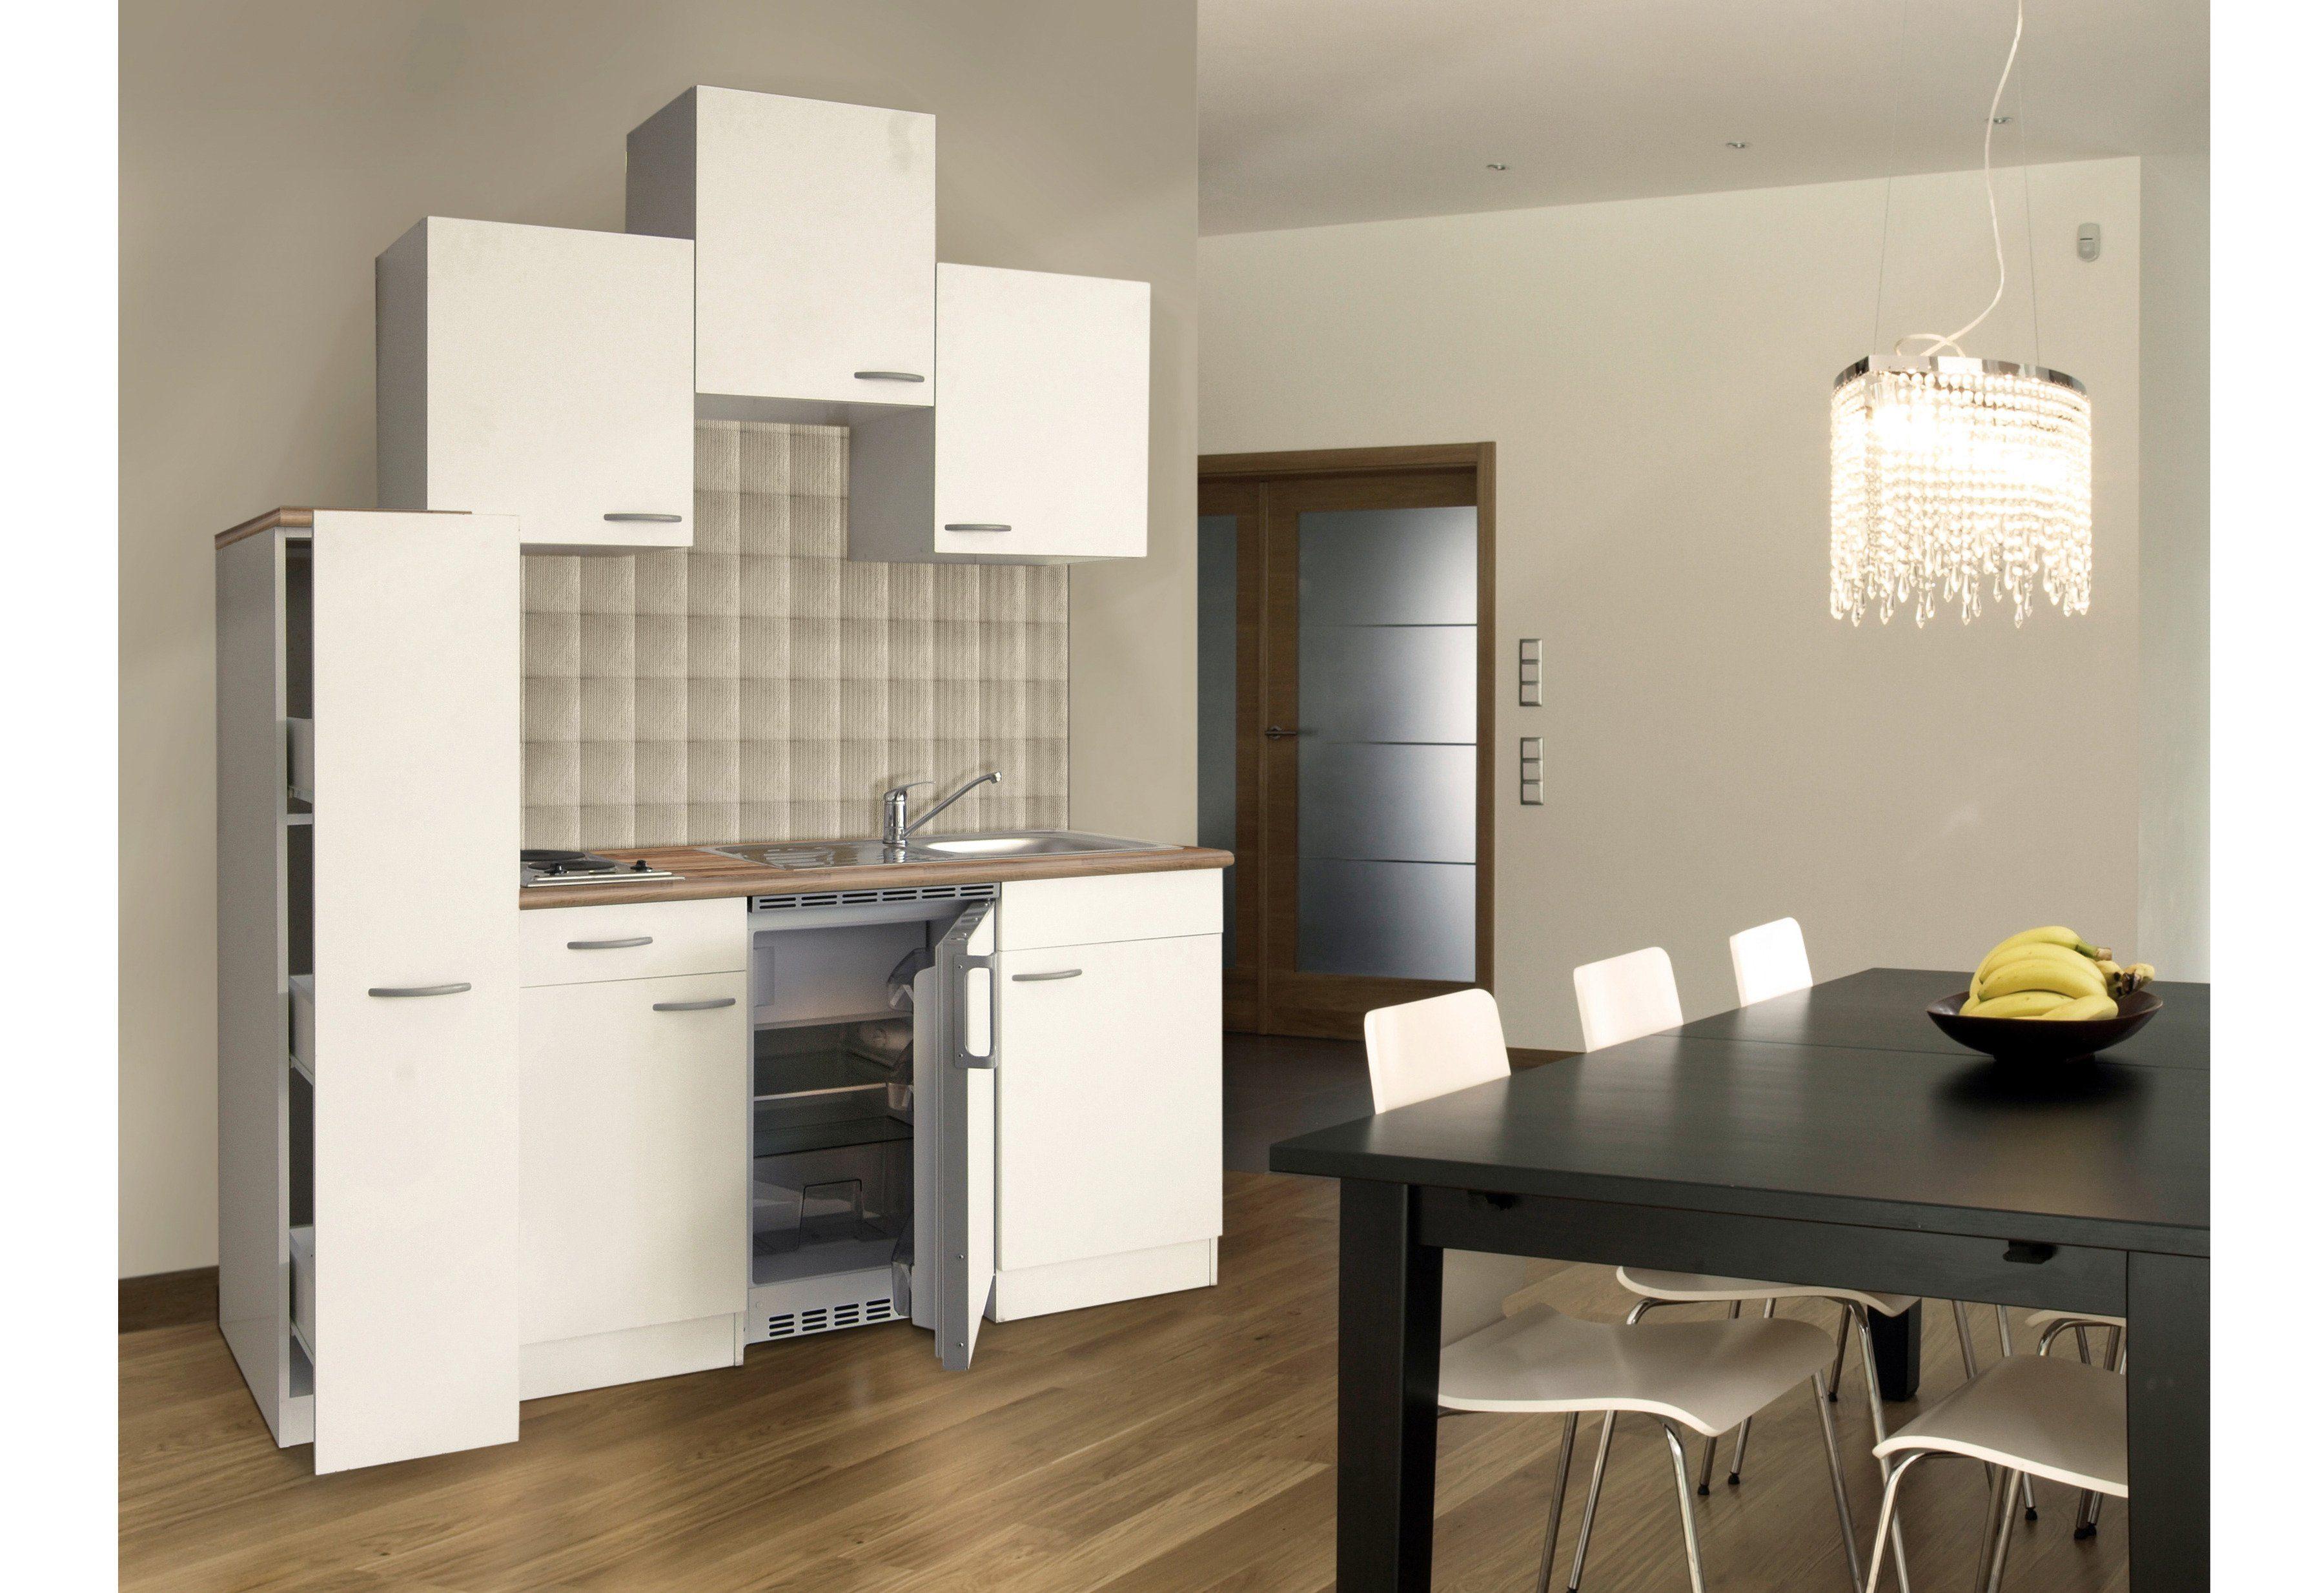 Innovativ Miniküche, Breite 180 cm online kaufen | OTTO ZC77